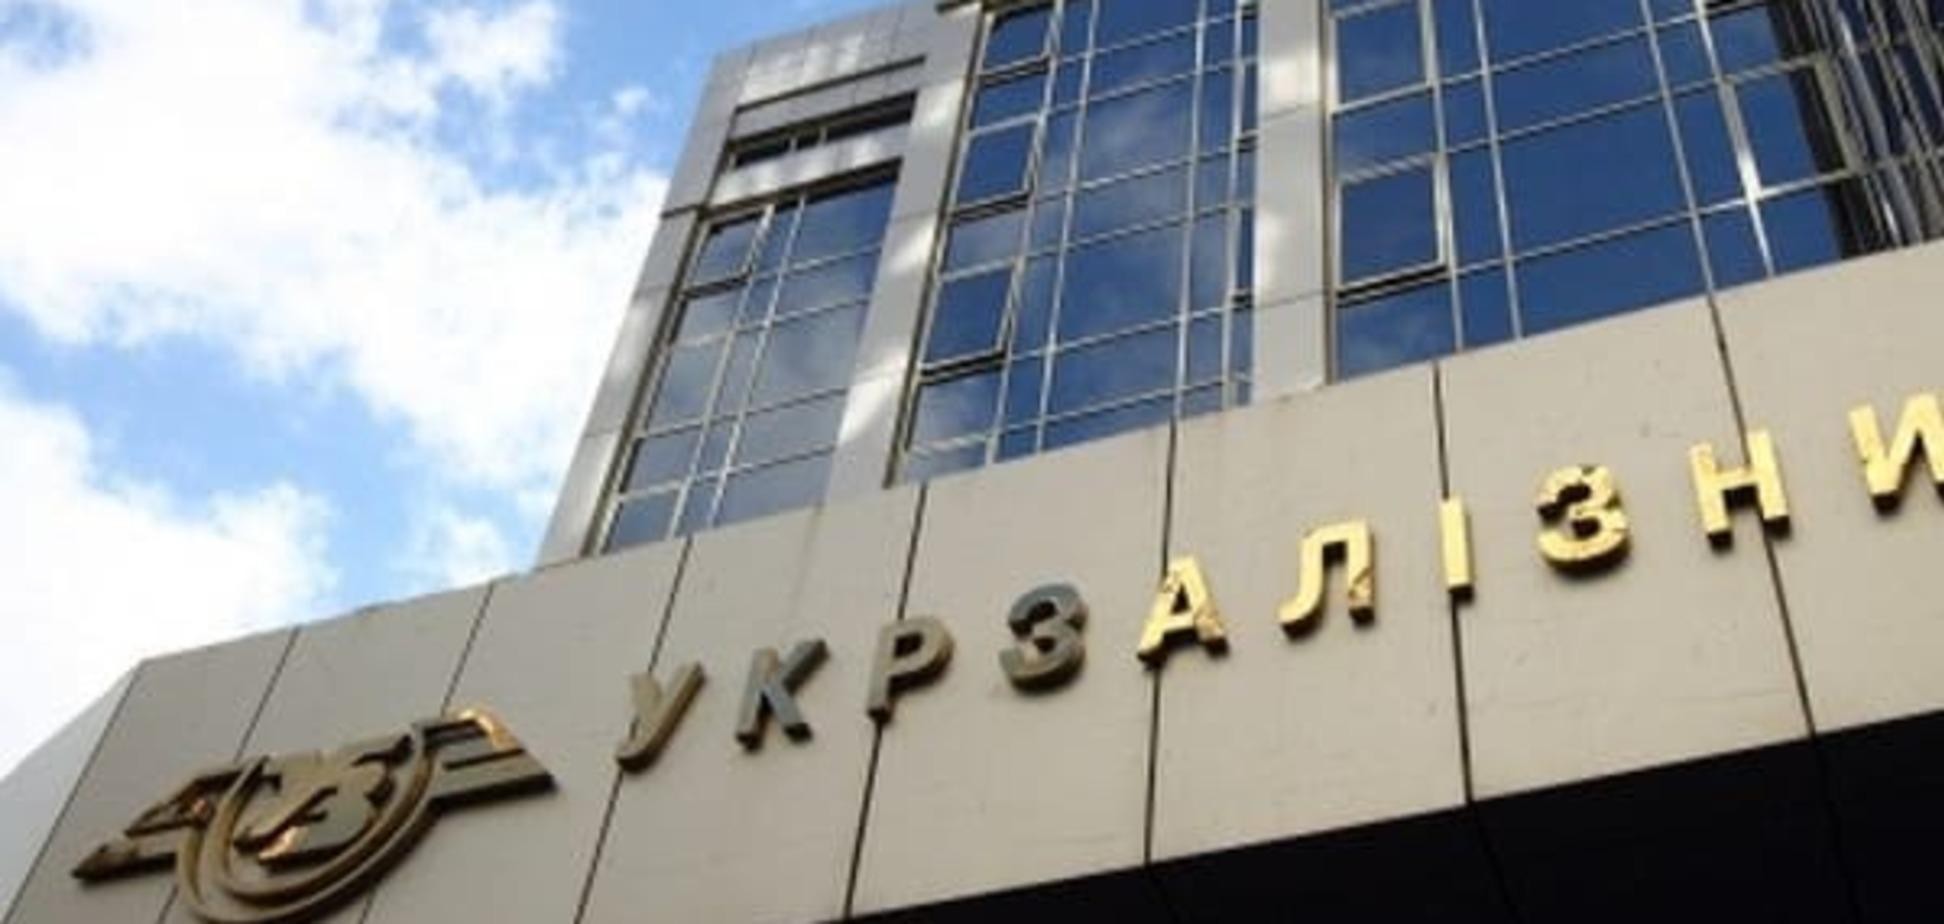 Приказ о повышении ж/д тарифов должен быть пересмотрен - Минюст